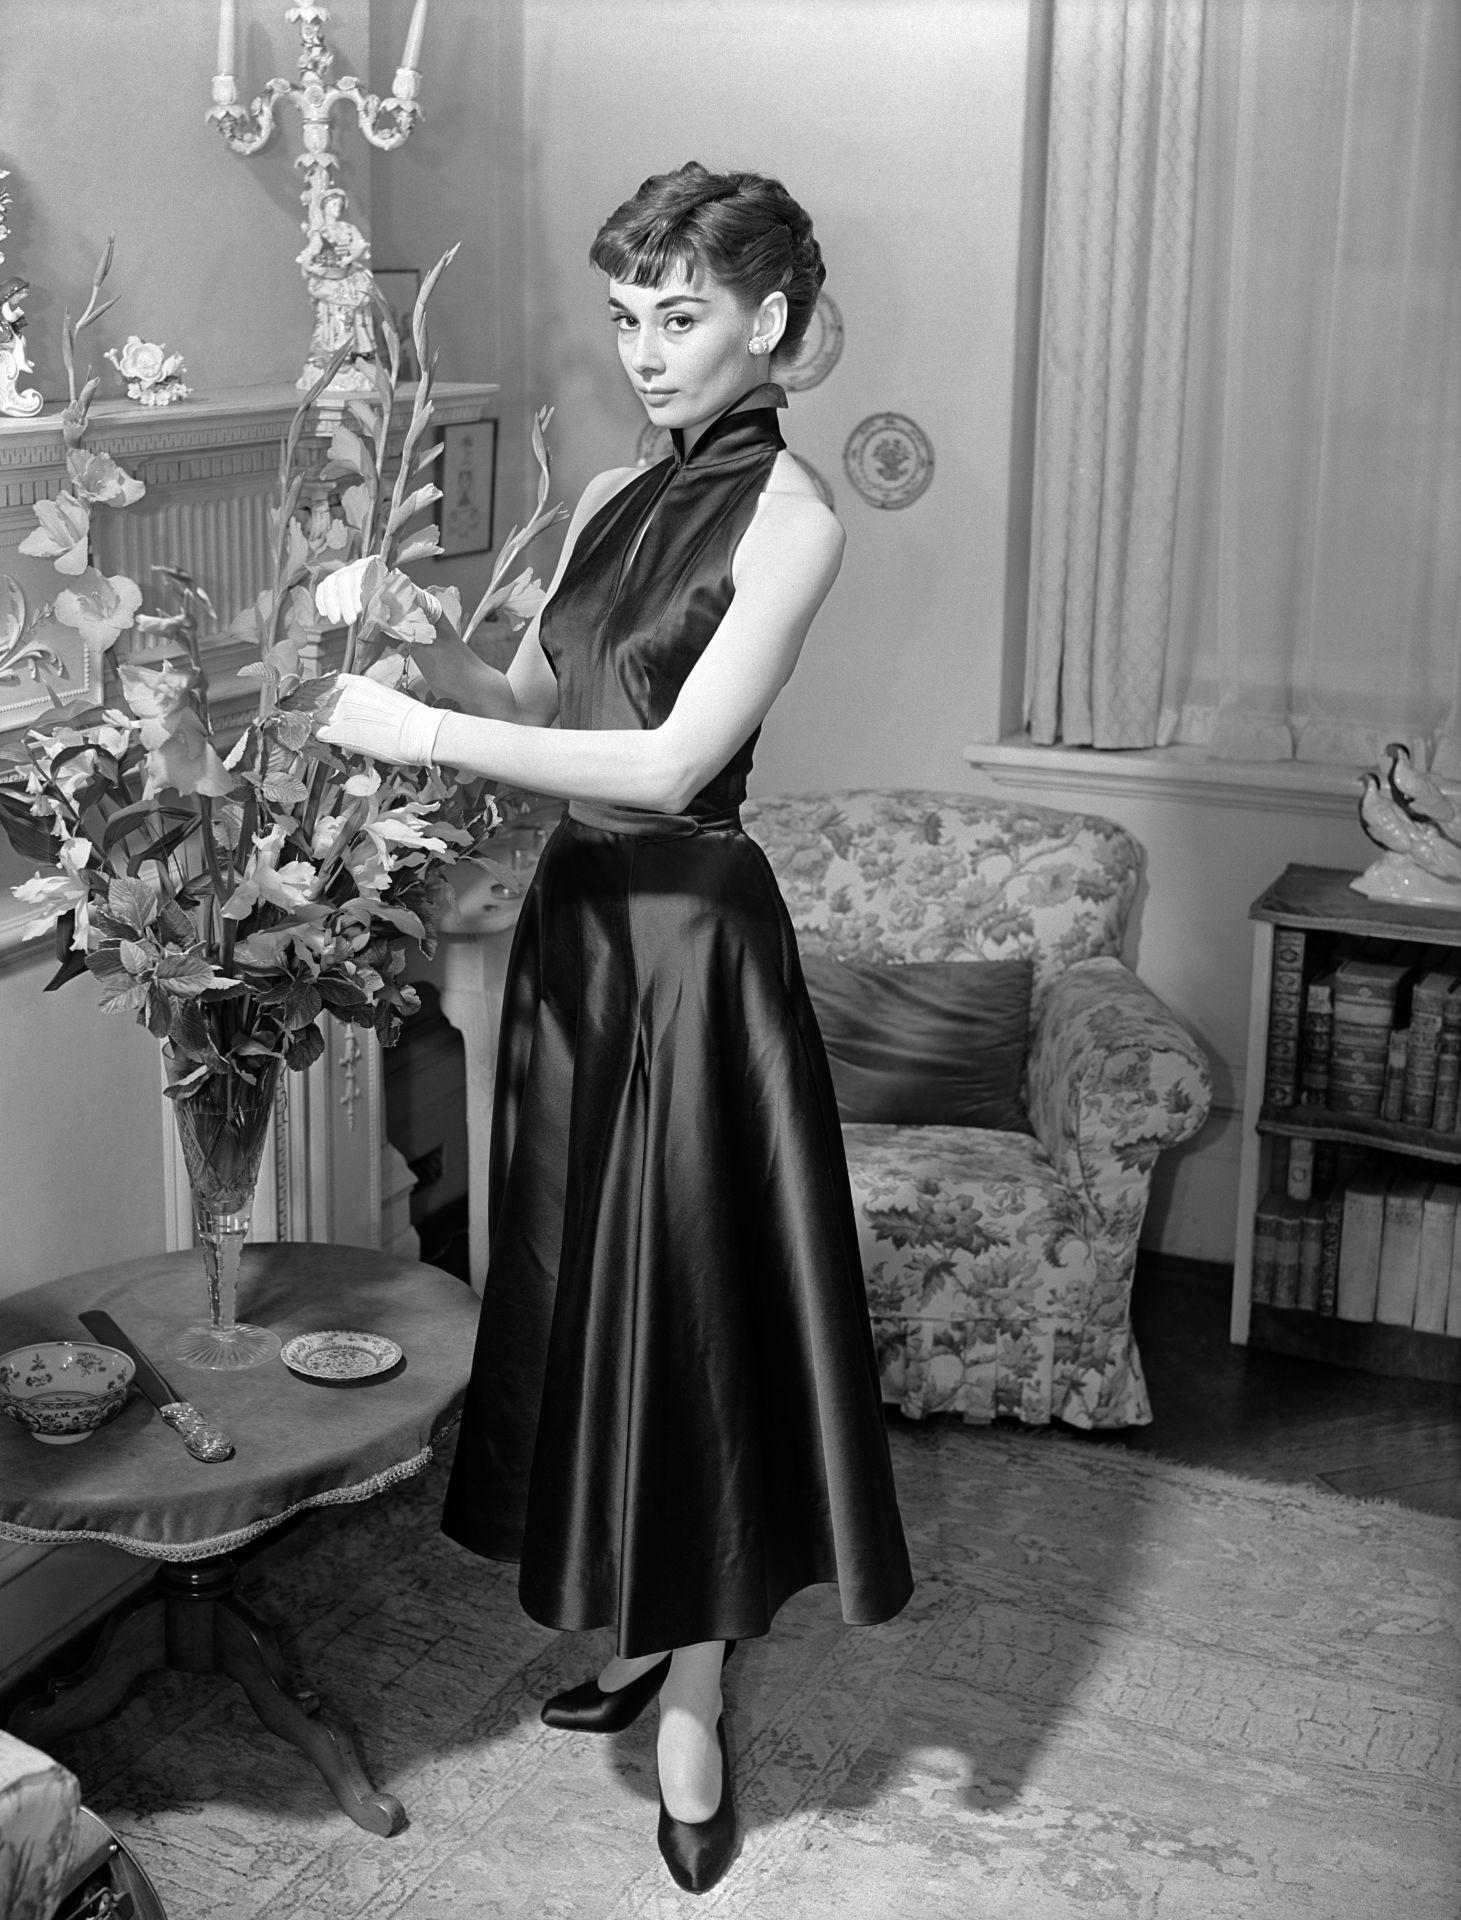 Audrey Hepburnről1953-ban készült ez a fotó, melyen szintén kis fekete ruhát visel.